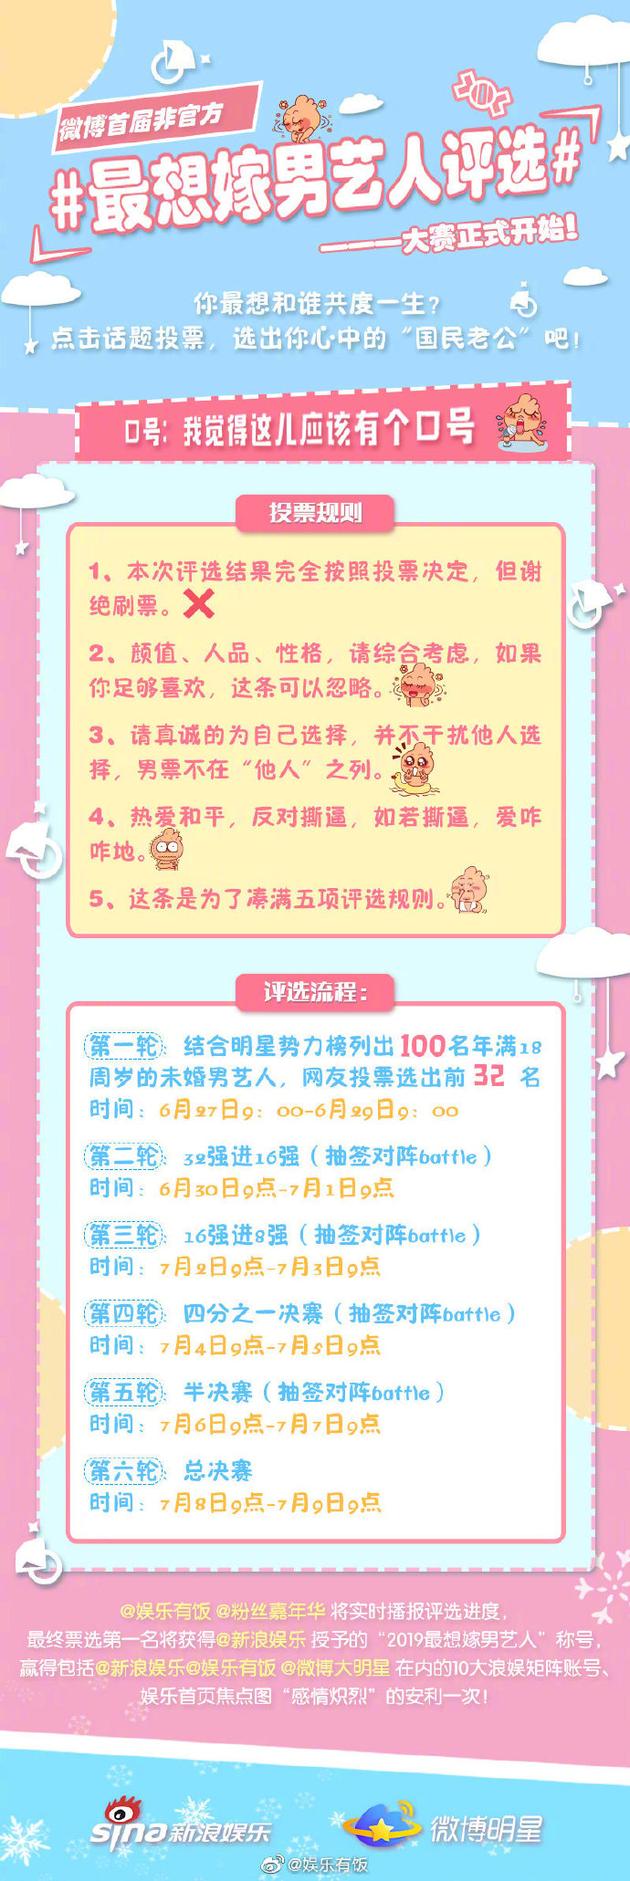 """投票助选""""国民老公"""" 微博最想嫁男艺人4强诞生"""